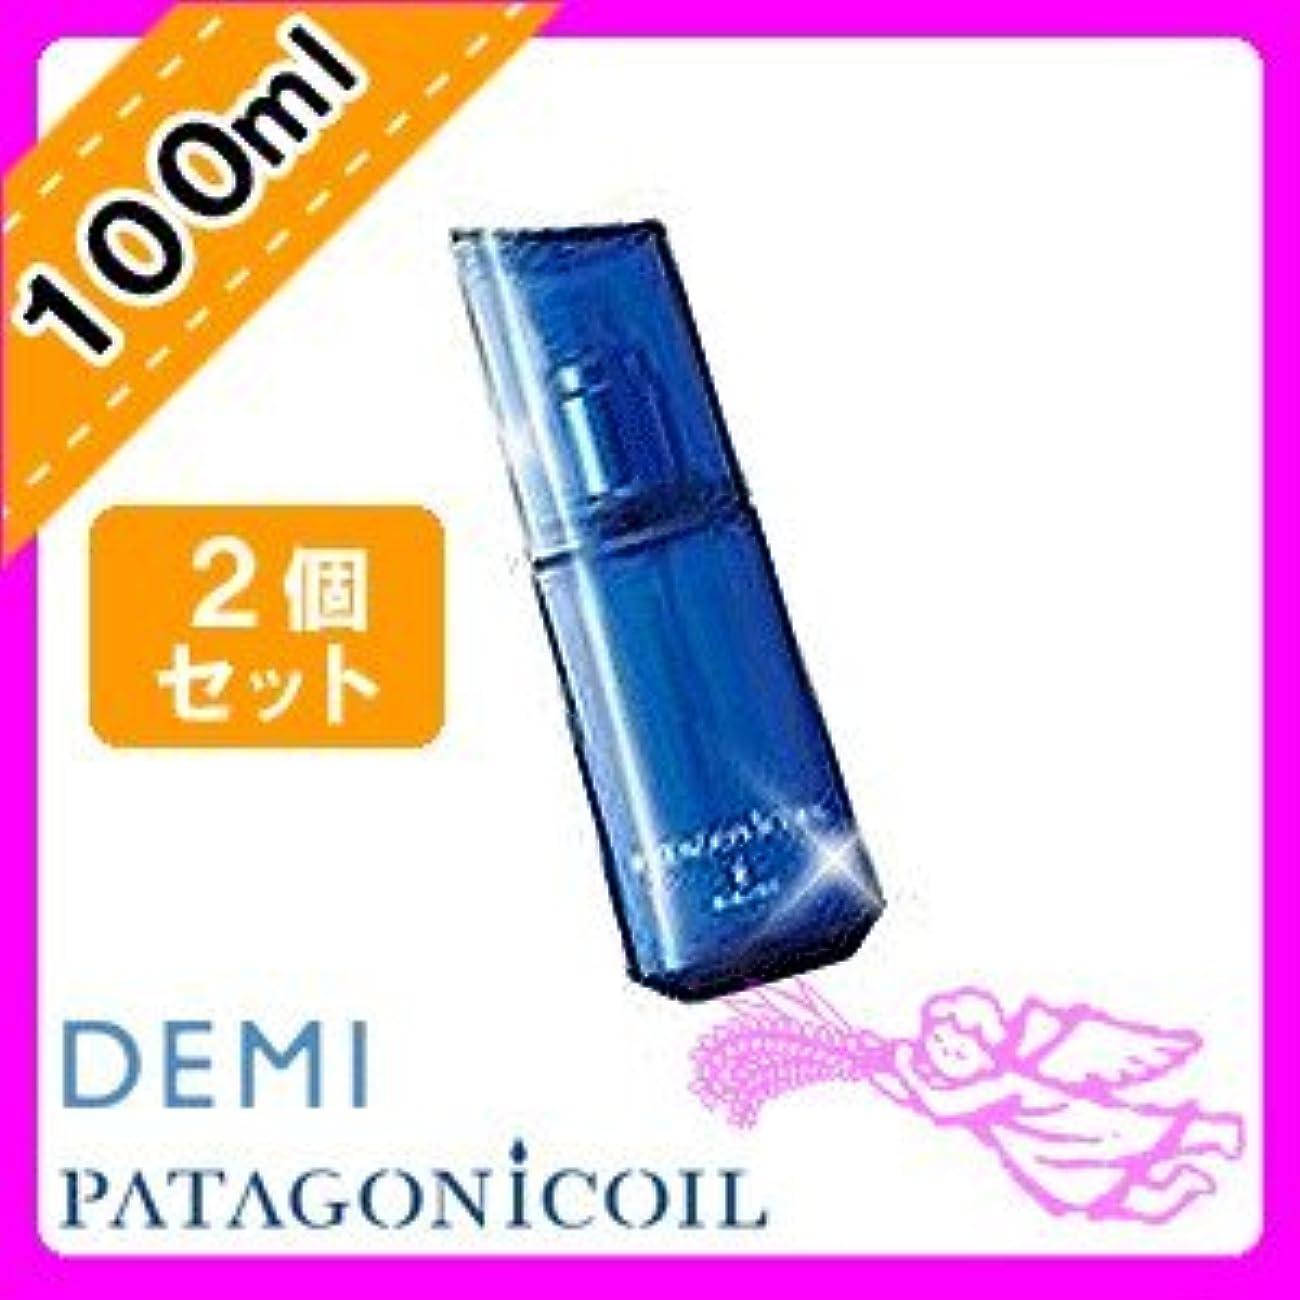 教それに応じて頭痛デミ パタゴニックオイル イセベルグ モイスト 100mL×2個セット DEMI PATAGONICOIL